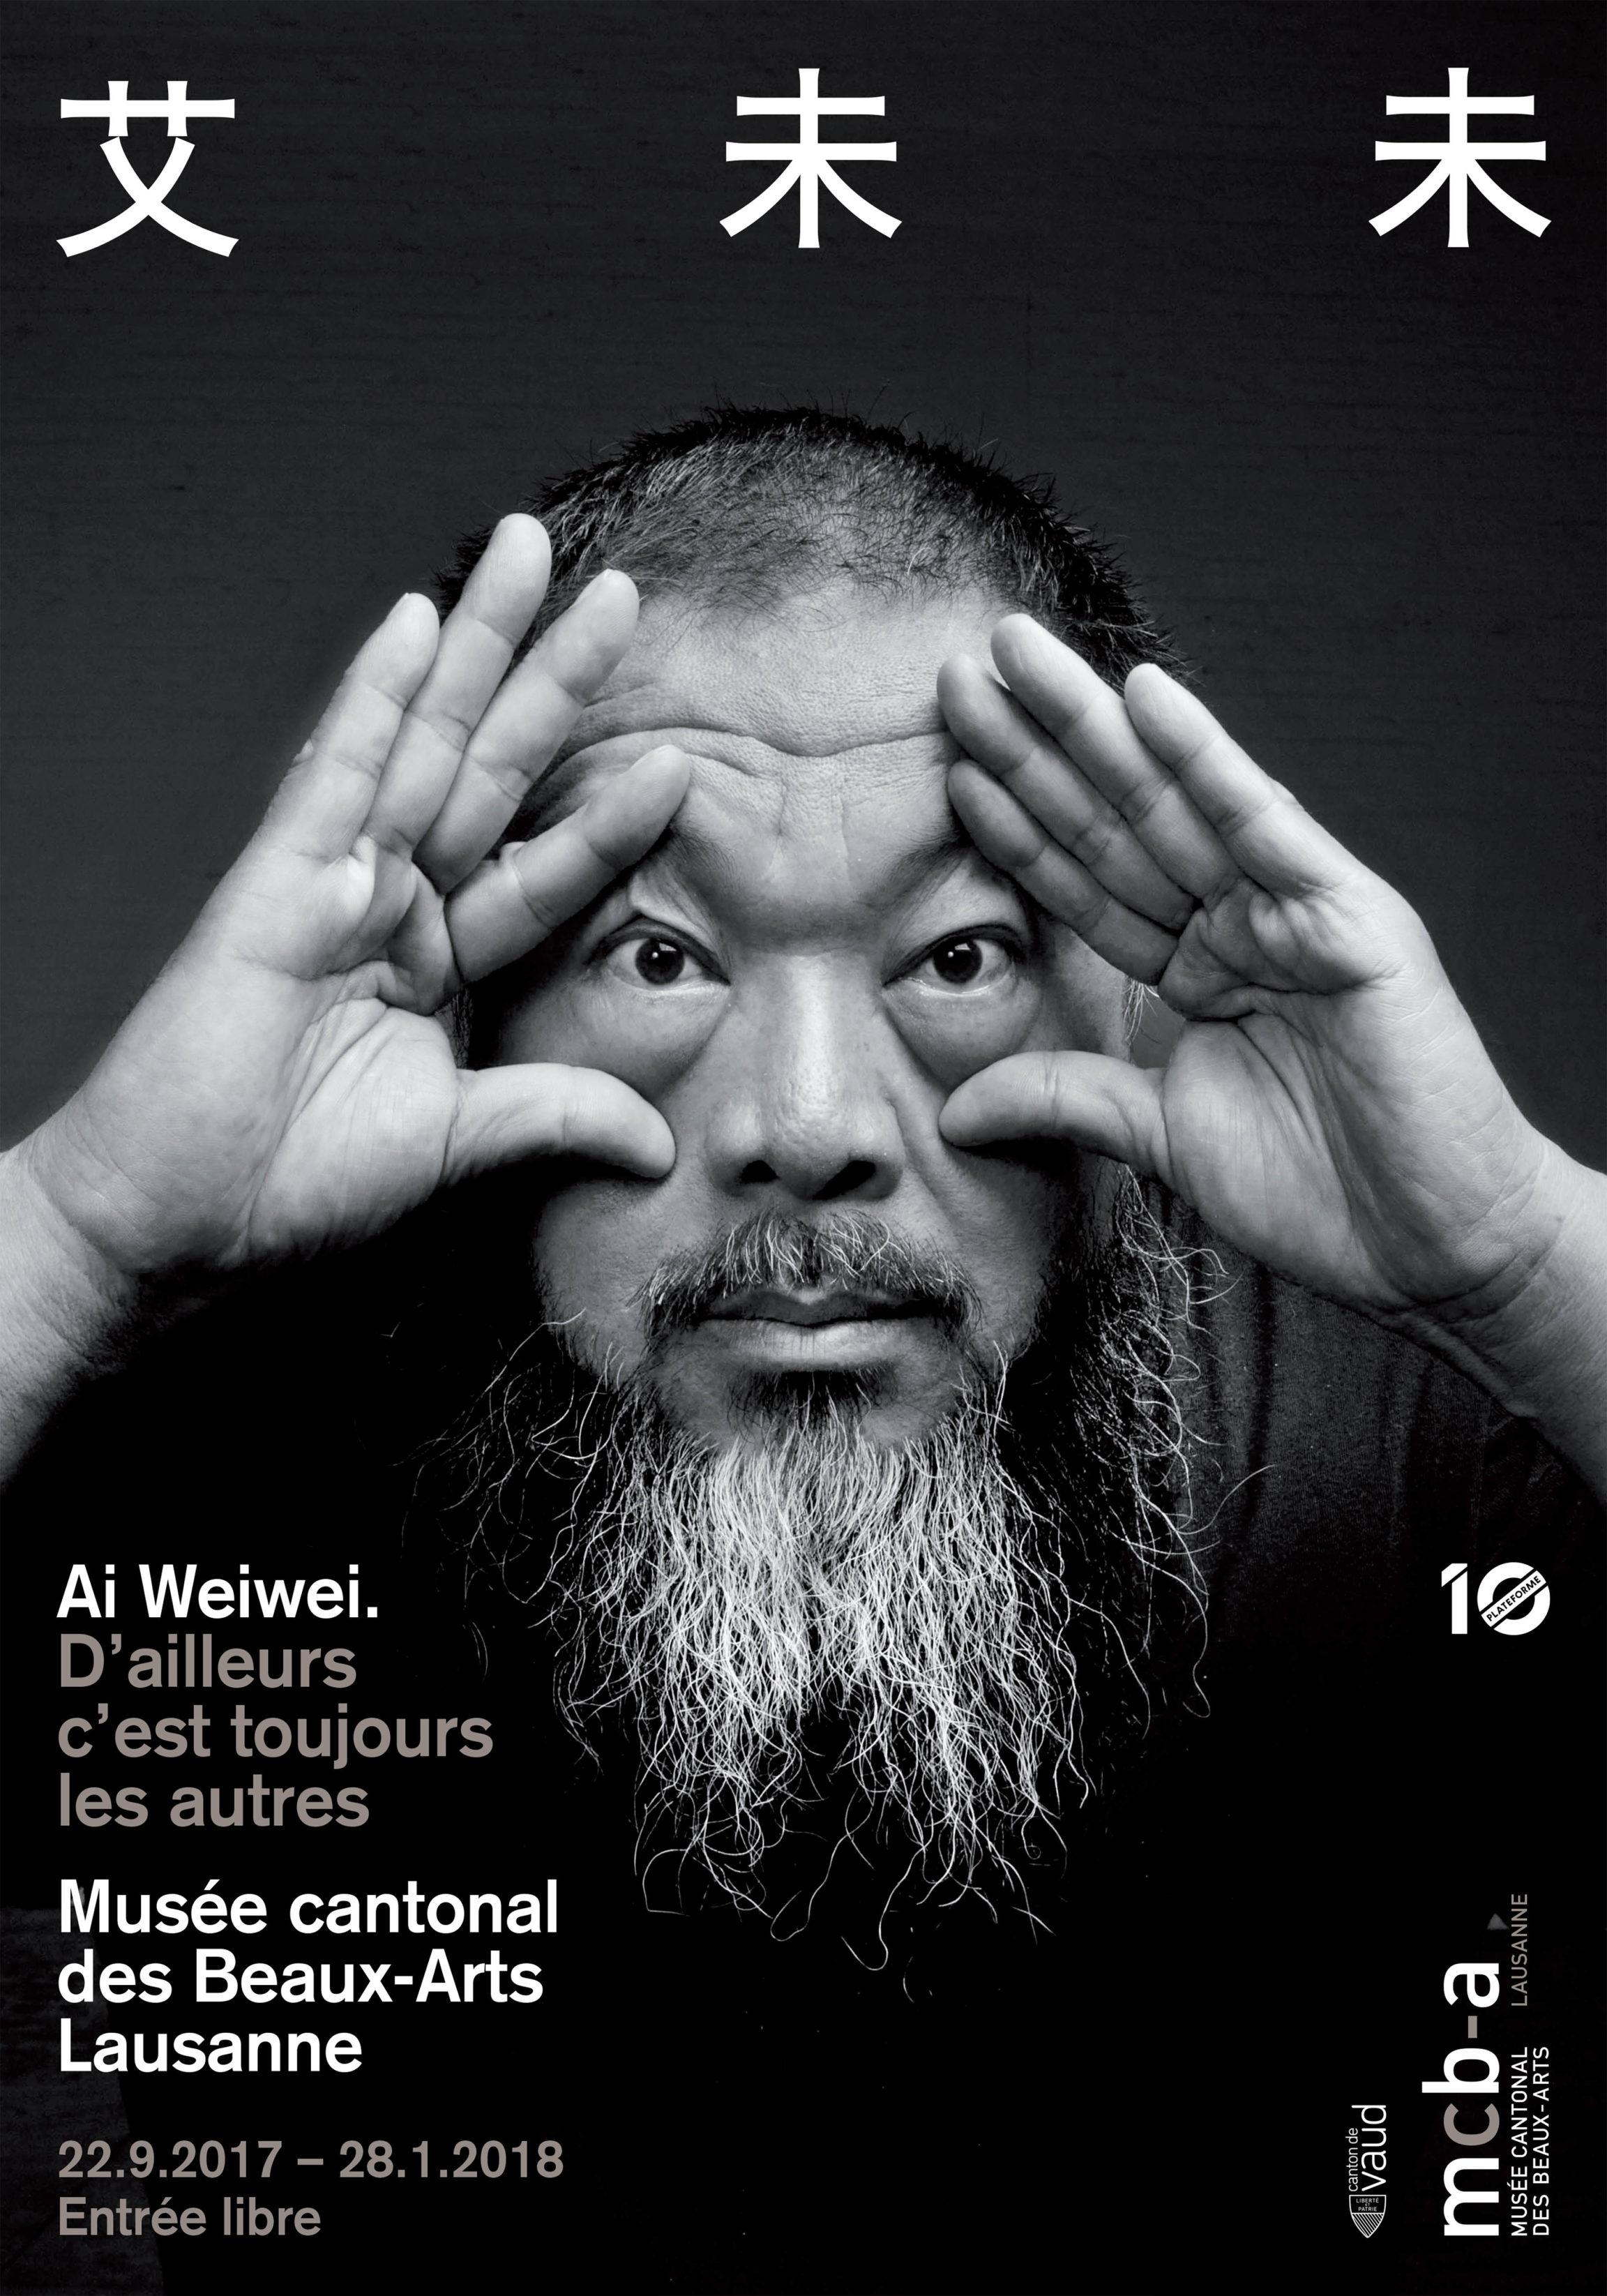 Ai Weiwei <br> D'ailleurs c'est toujours les autres